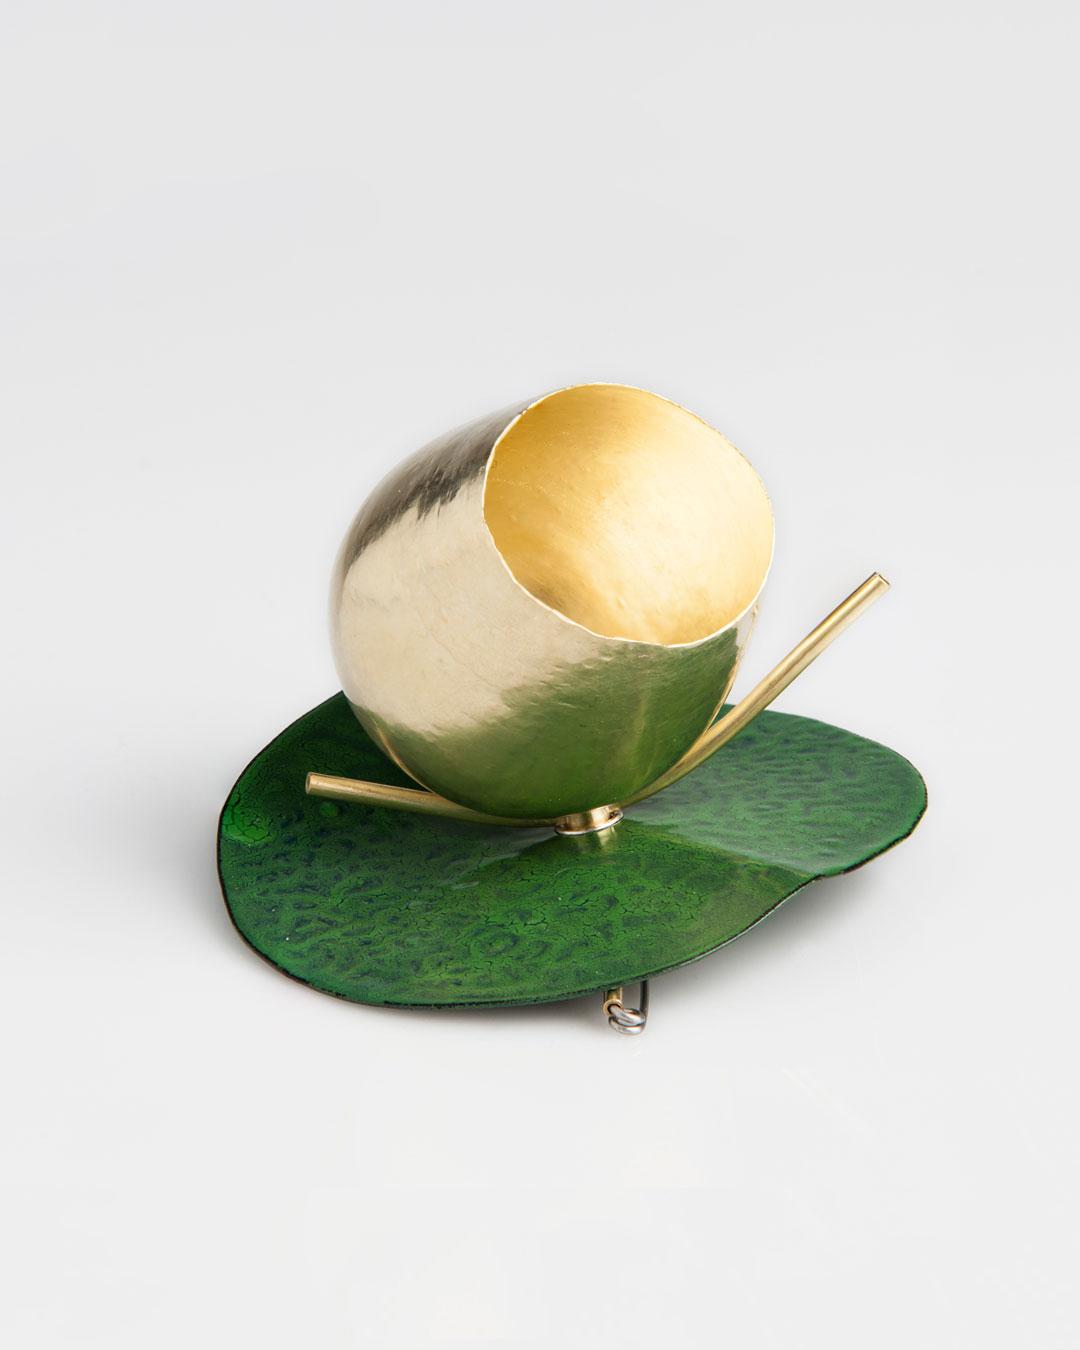 Andrea Wippermann, Blüte auf Grün (Bloom in Green), 2015, brooch; enamelled steel, gold, stainless steel, 80 x 75 x 60 mm, €5800